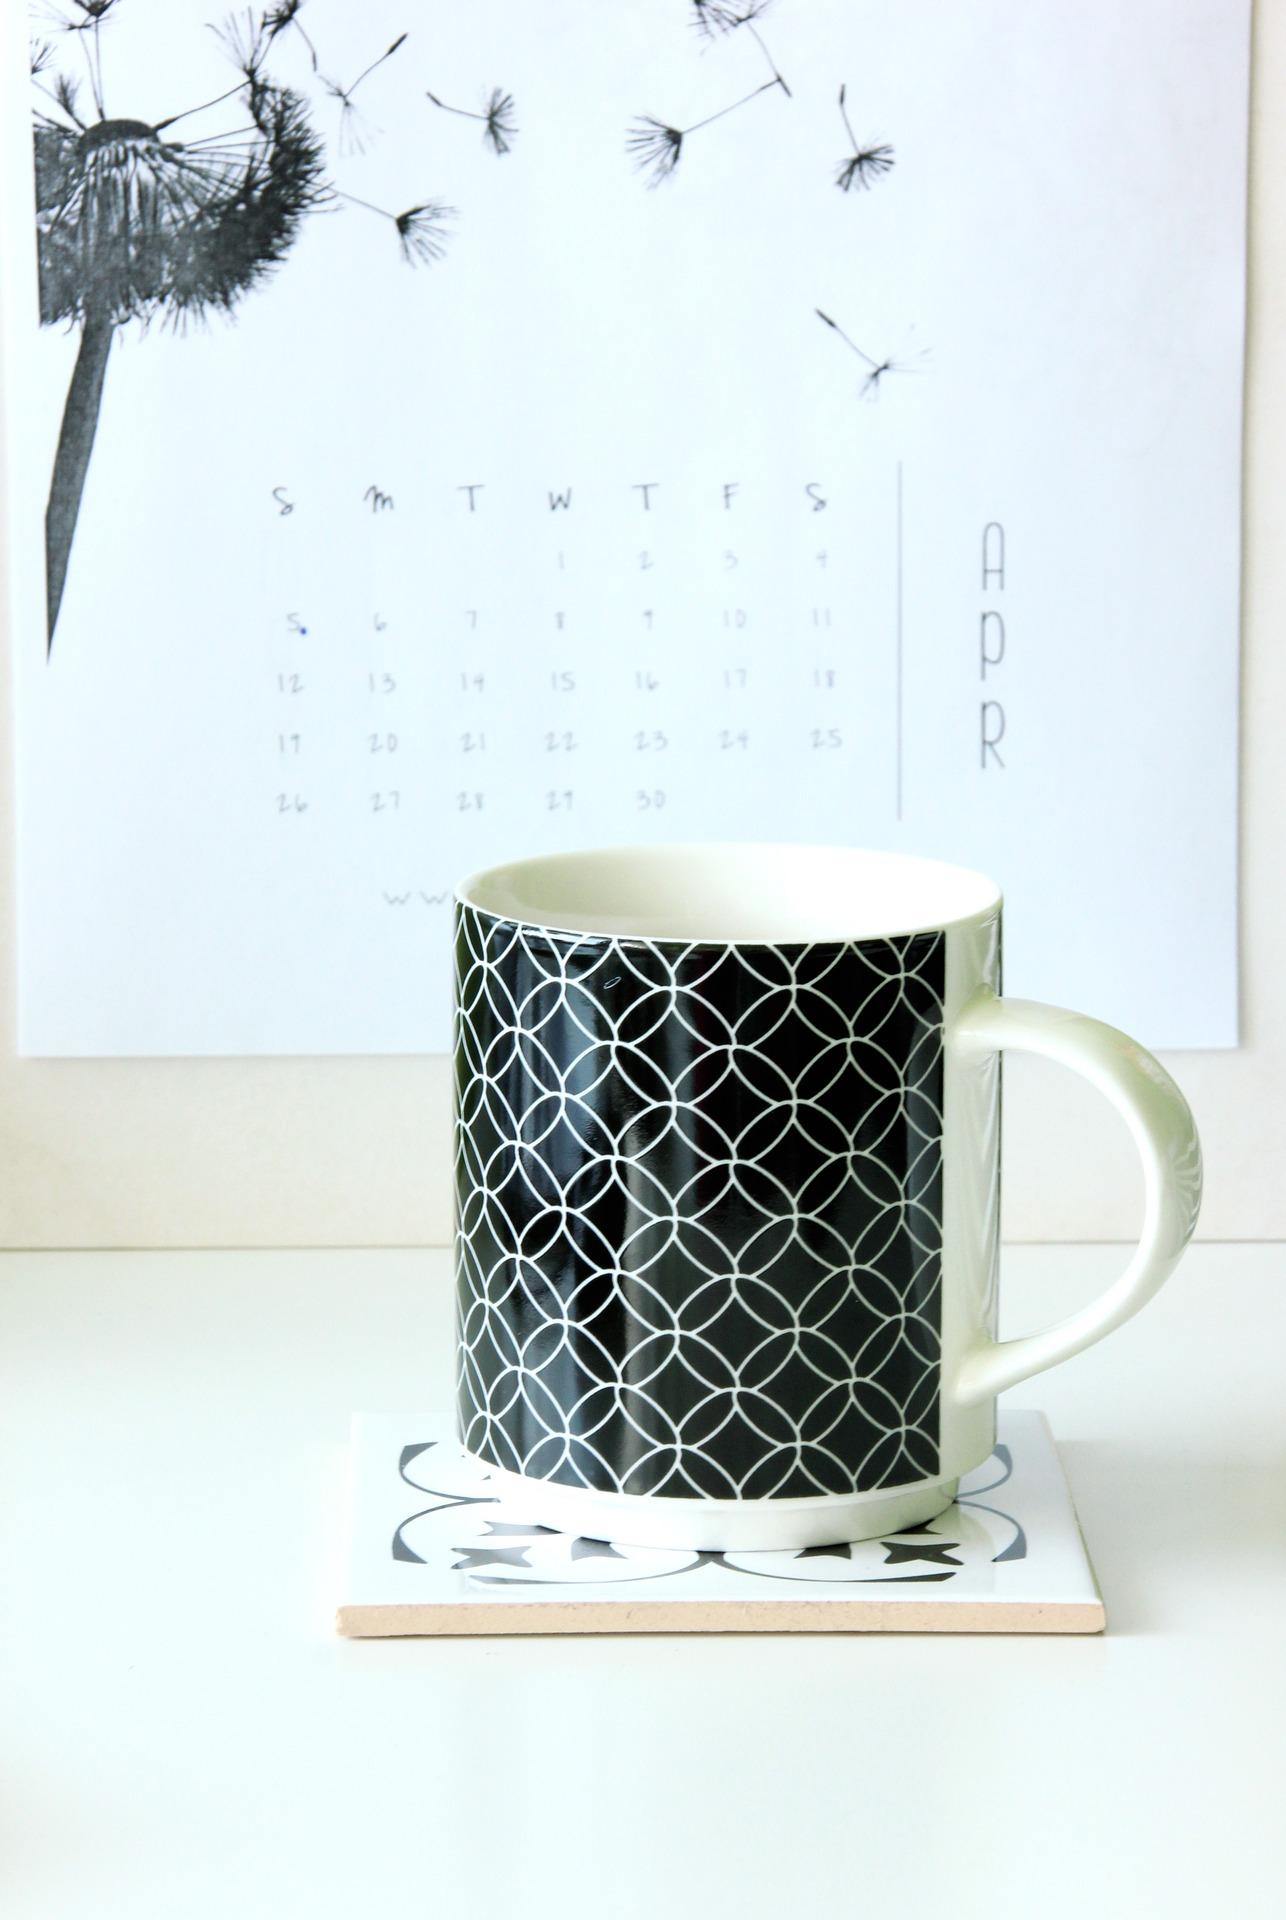 mug-1129433_1920